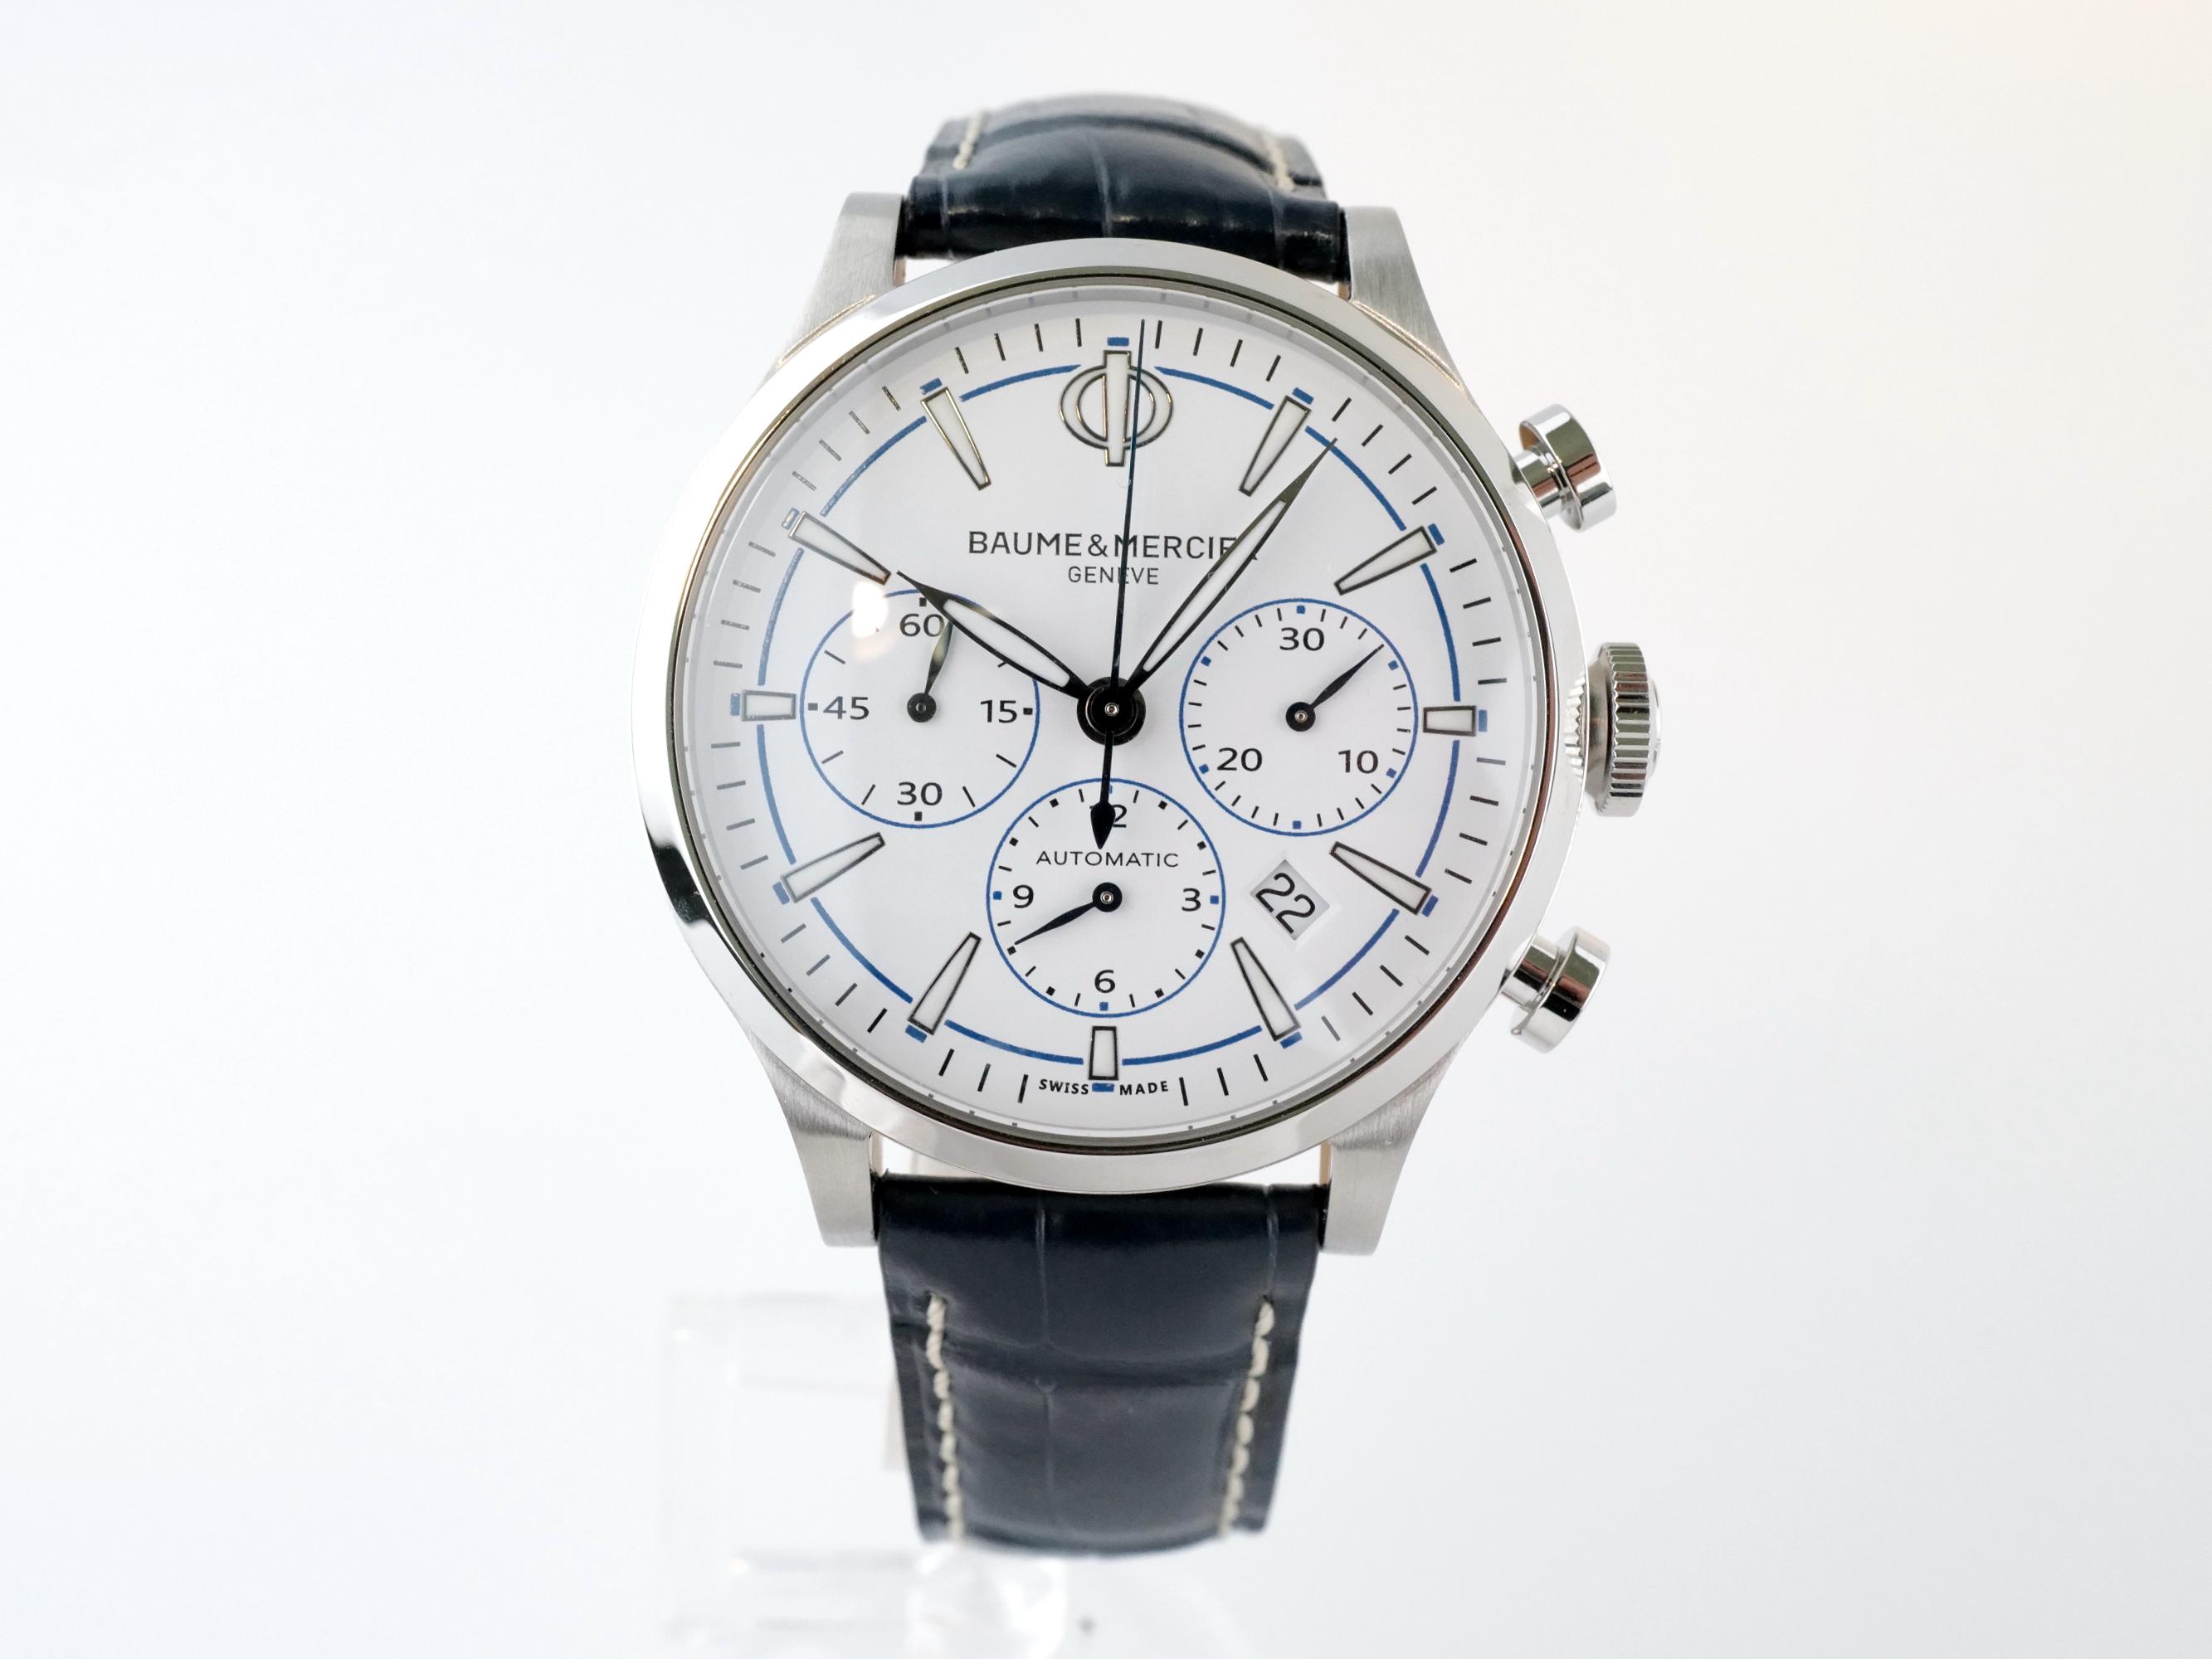 Швейцарские часы Baume Mercier Capeland Chronograph Limited Edition